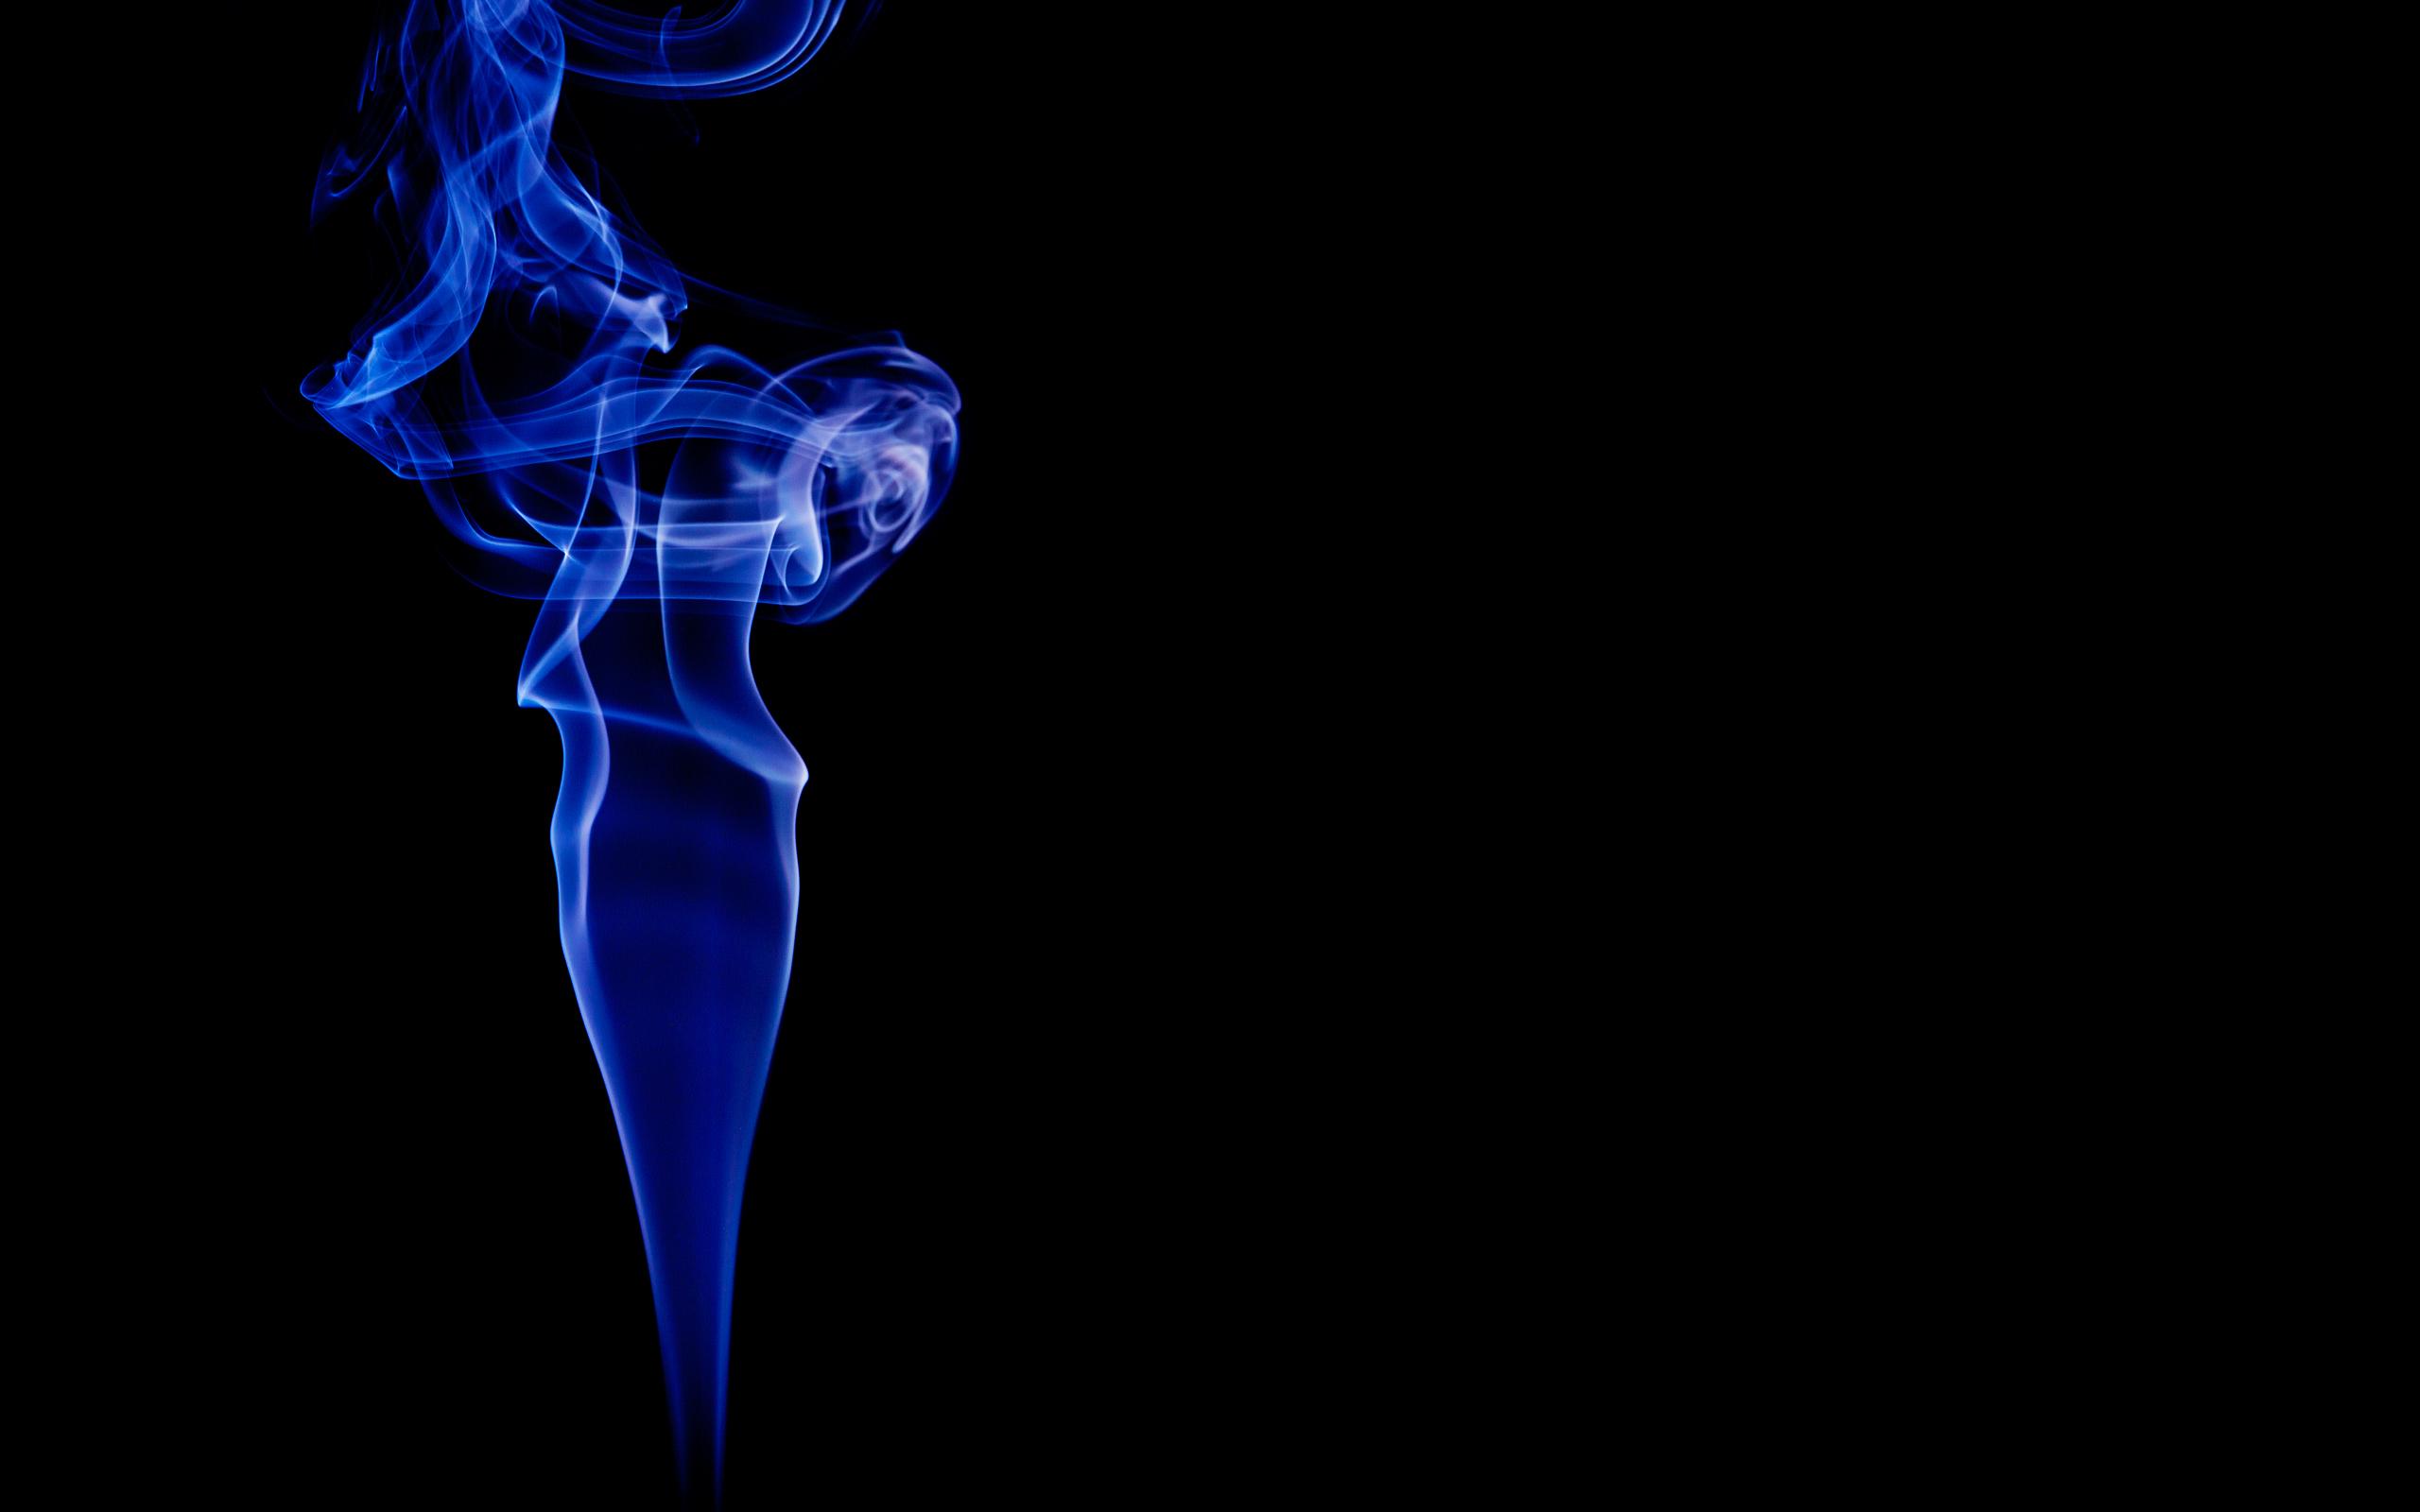 Rauch Wallpaper Schwarz Weiß